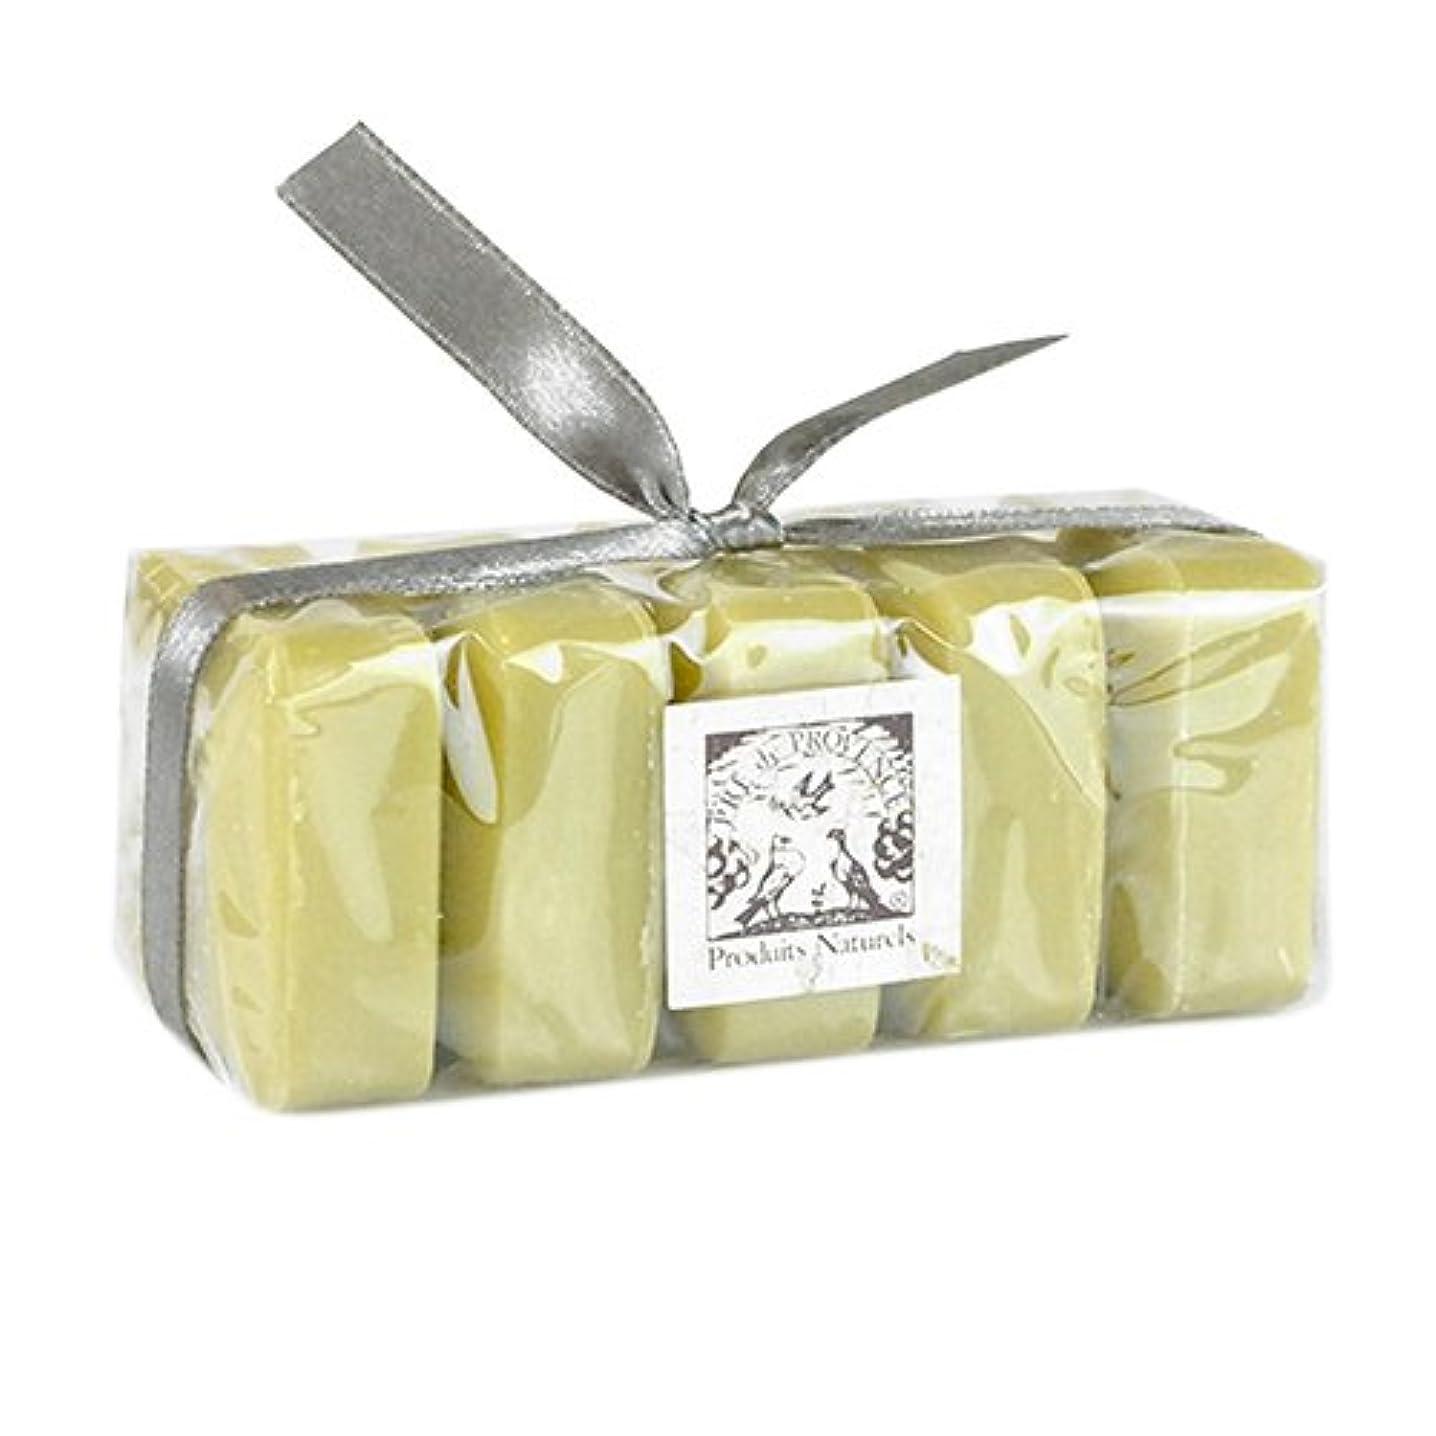 にやにや注入組み合わせるPRE de PROVENCE シアバター エンリッチドソープ ギフトパック バーベナ VERBENA プレ ドゥ プロヴァンス Shea Butter Enriched Soap